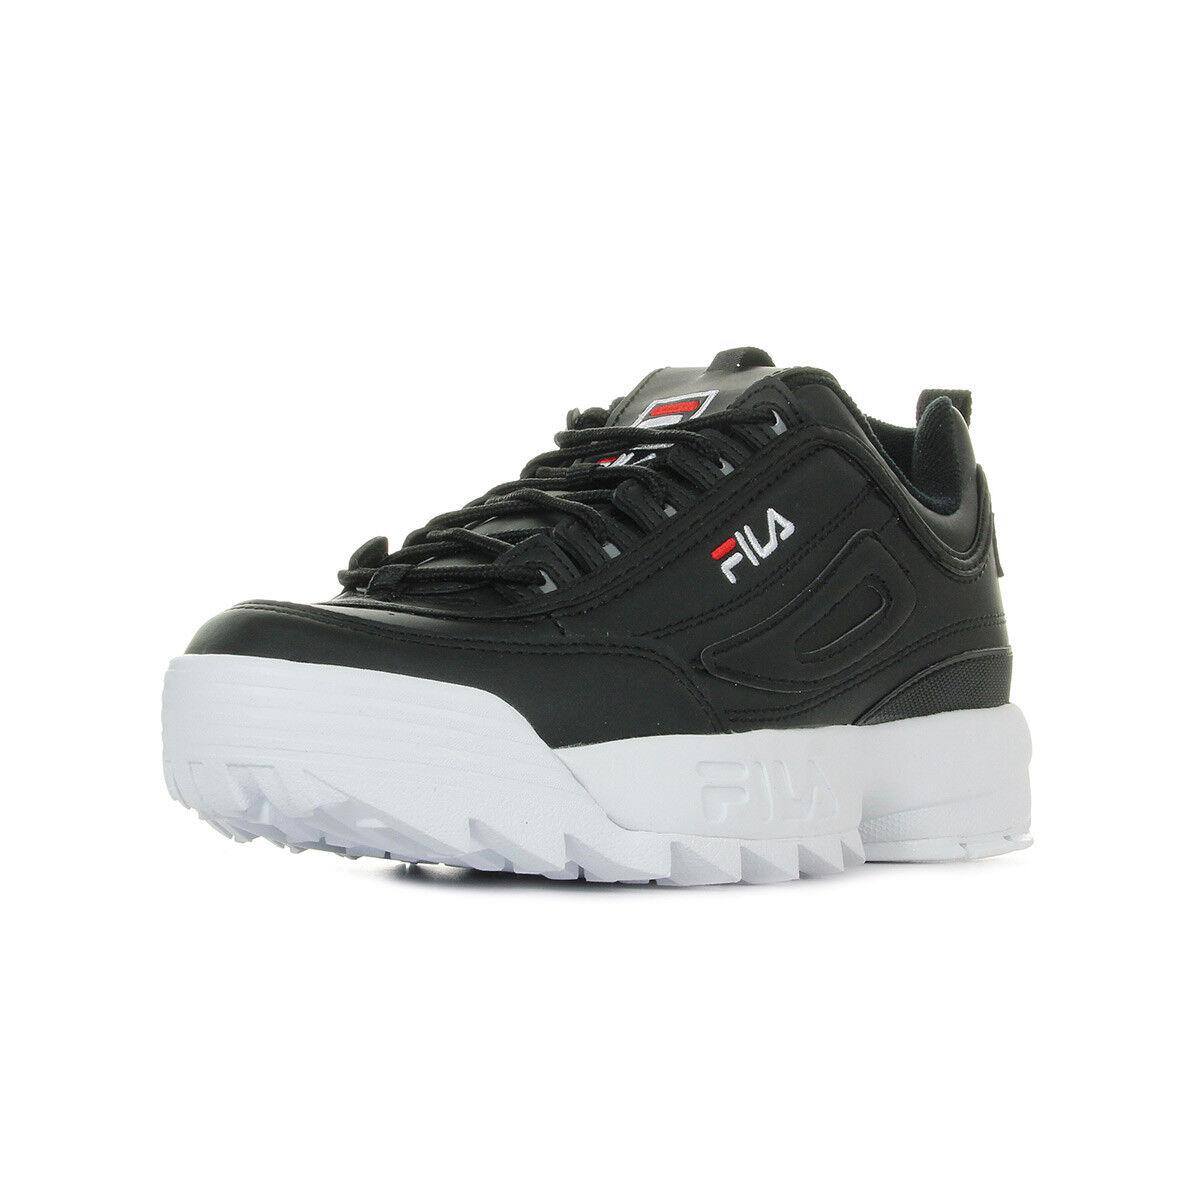 Schuhe Fila Herren Disruptor Low schwarz